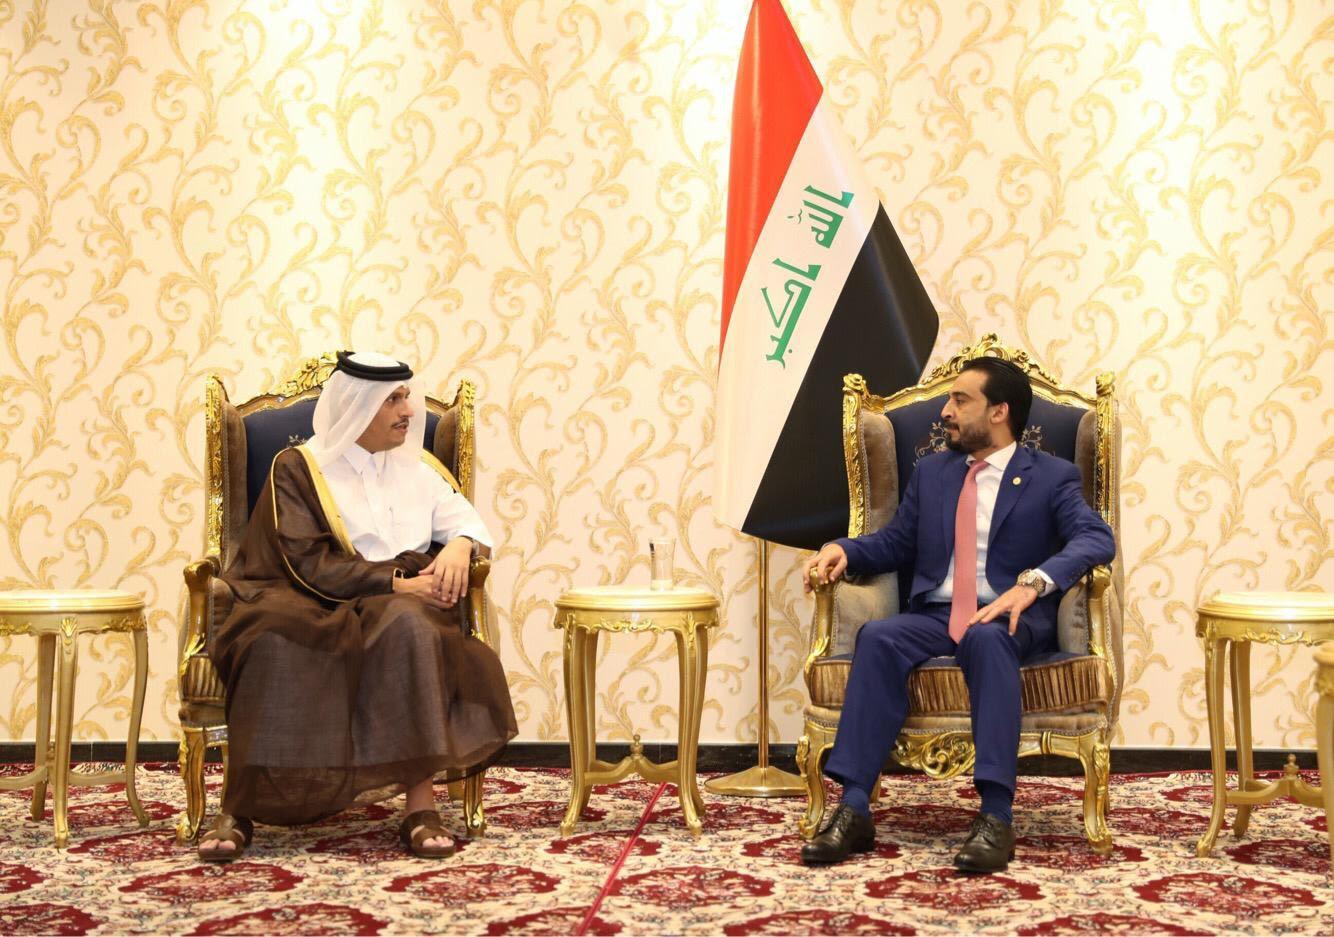 نائب رئيس مجلس الوزراء وزير الخارجية يجتمع مع رئيس البرلمان العراقي